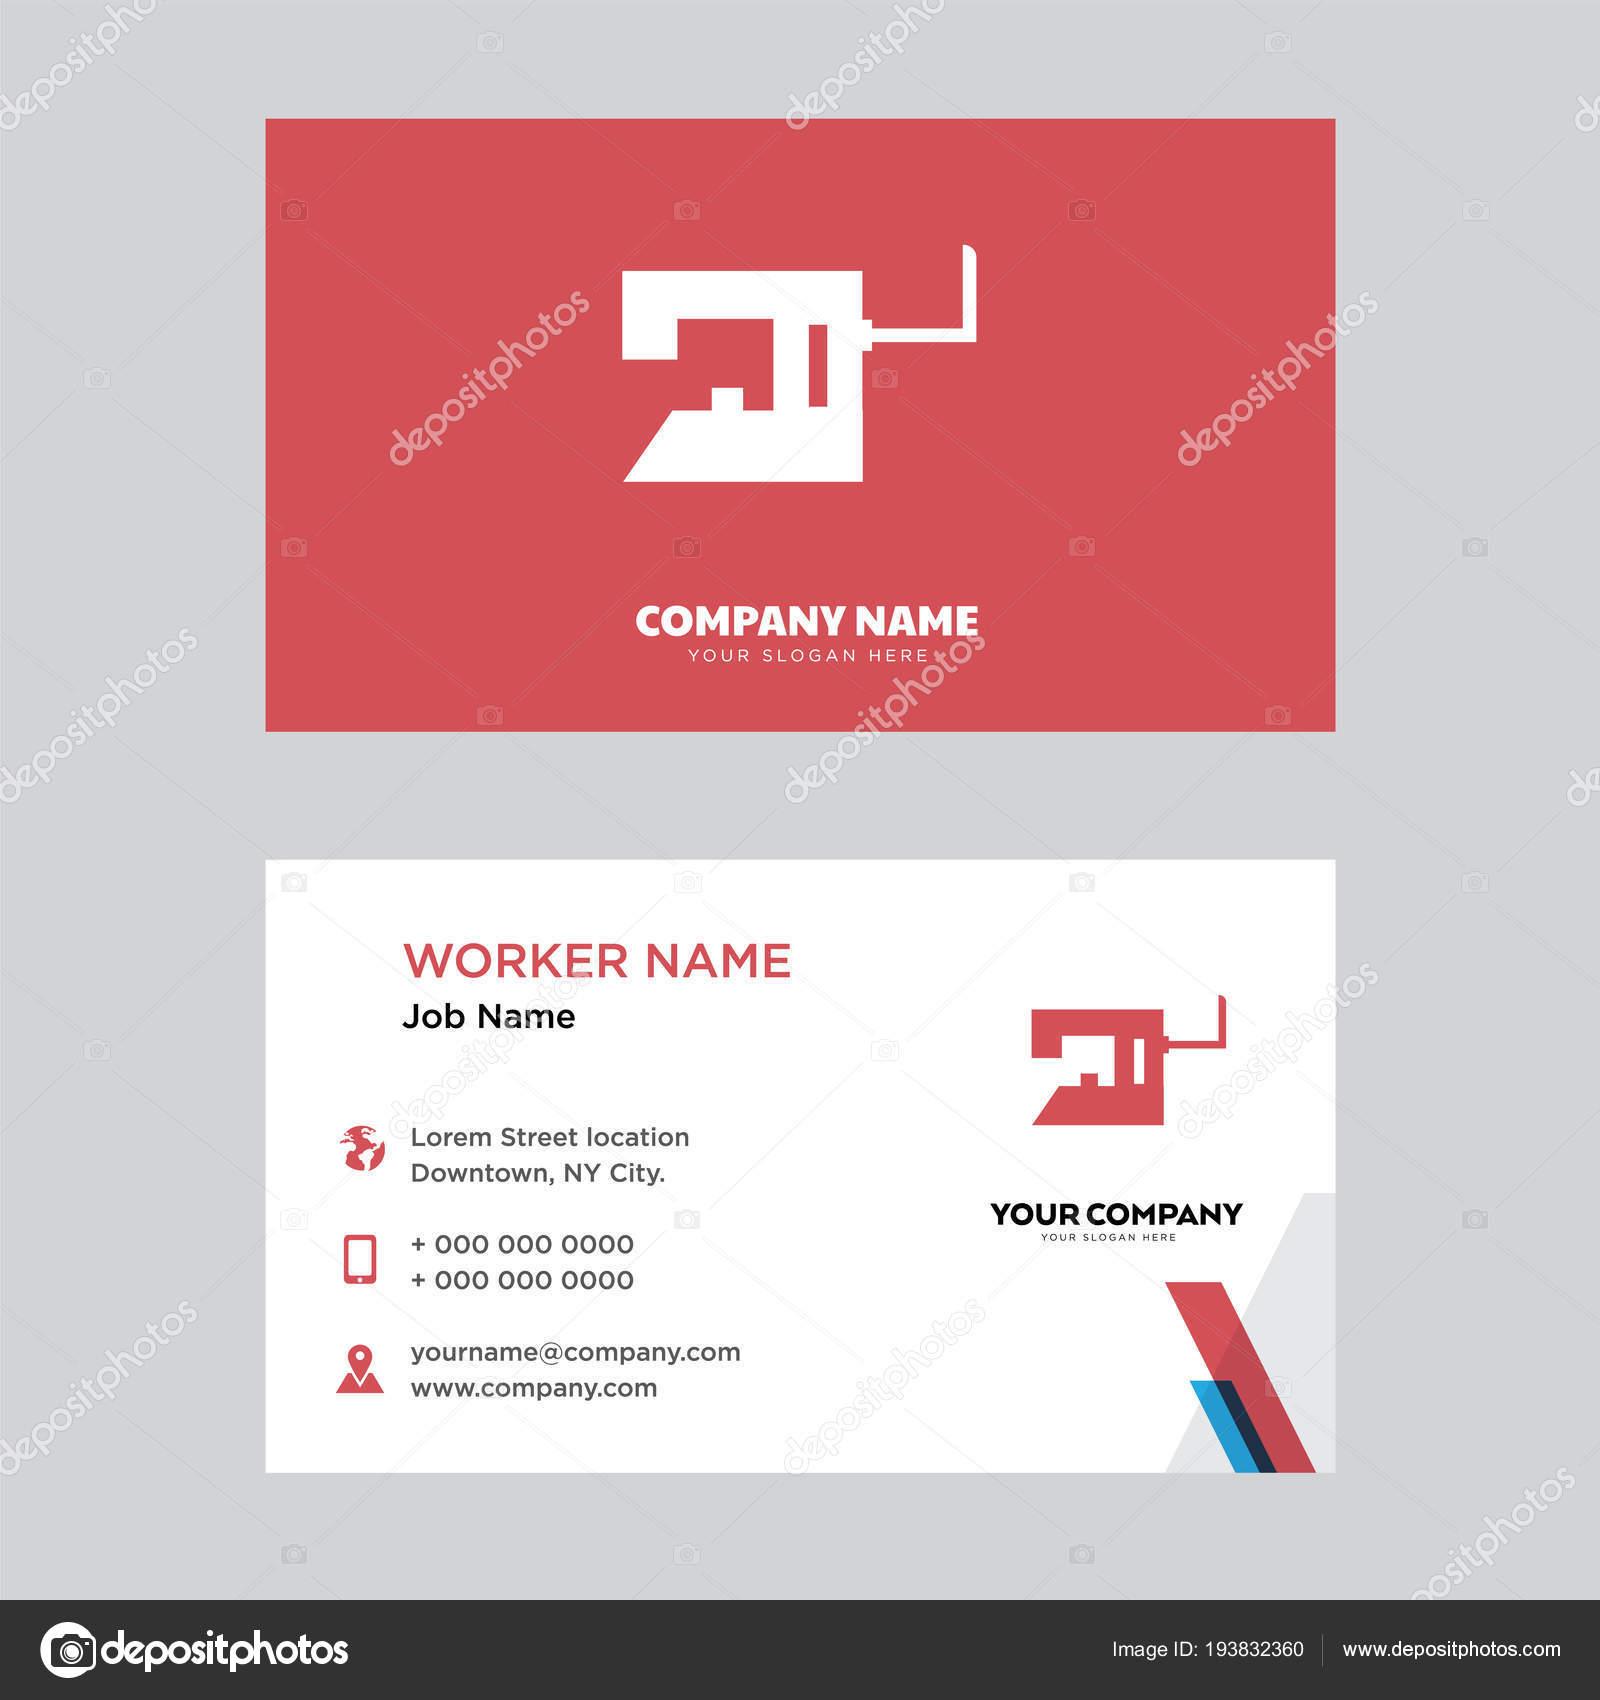 Classique Modle De Conception Carte Visite Machine Couture En Pour Votre Entreprise Moderne Crative Et Identit Propre Vectorielle